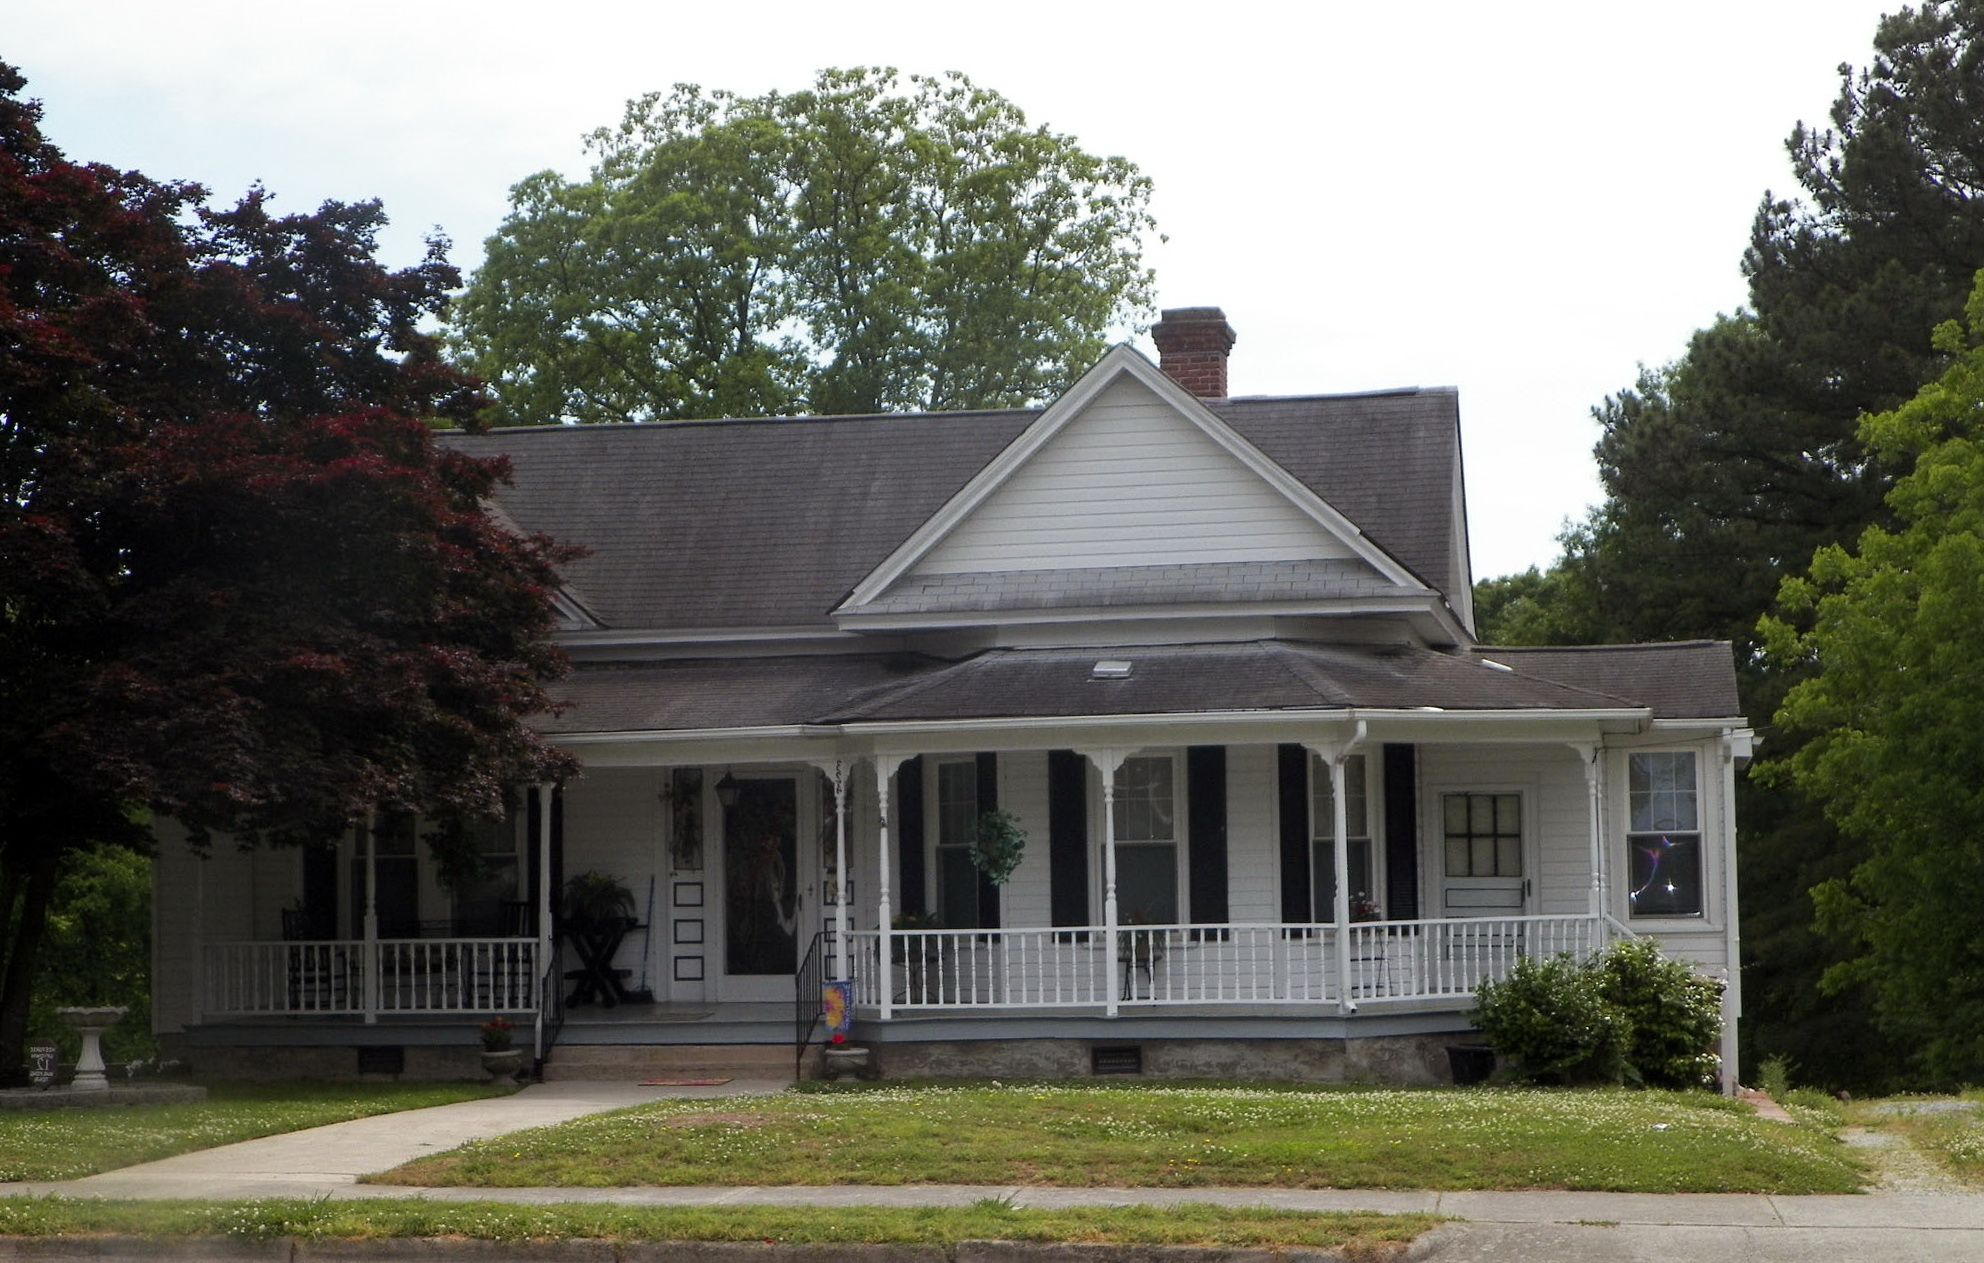 House Plans Wrap Around Porch e Story Do you suppose House